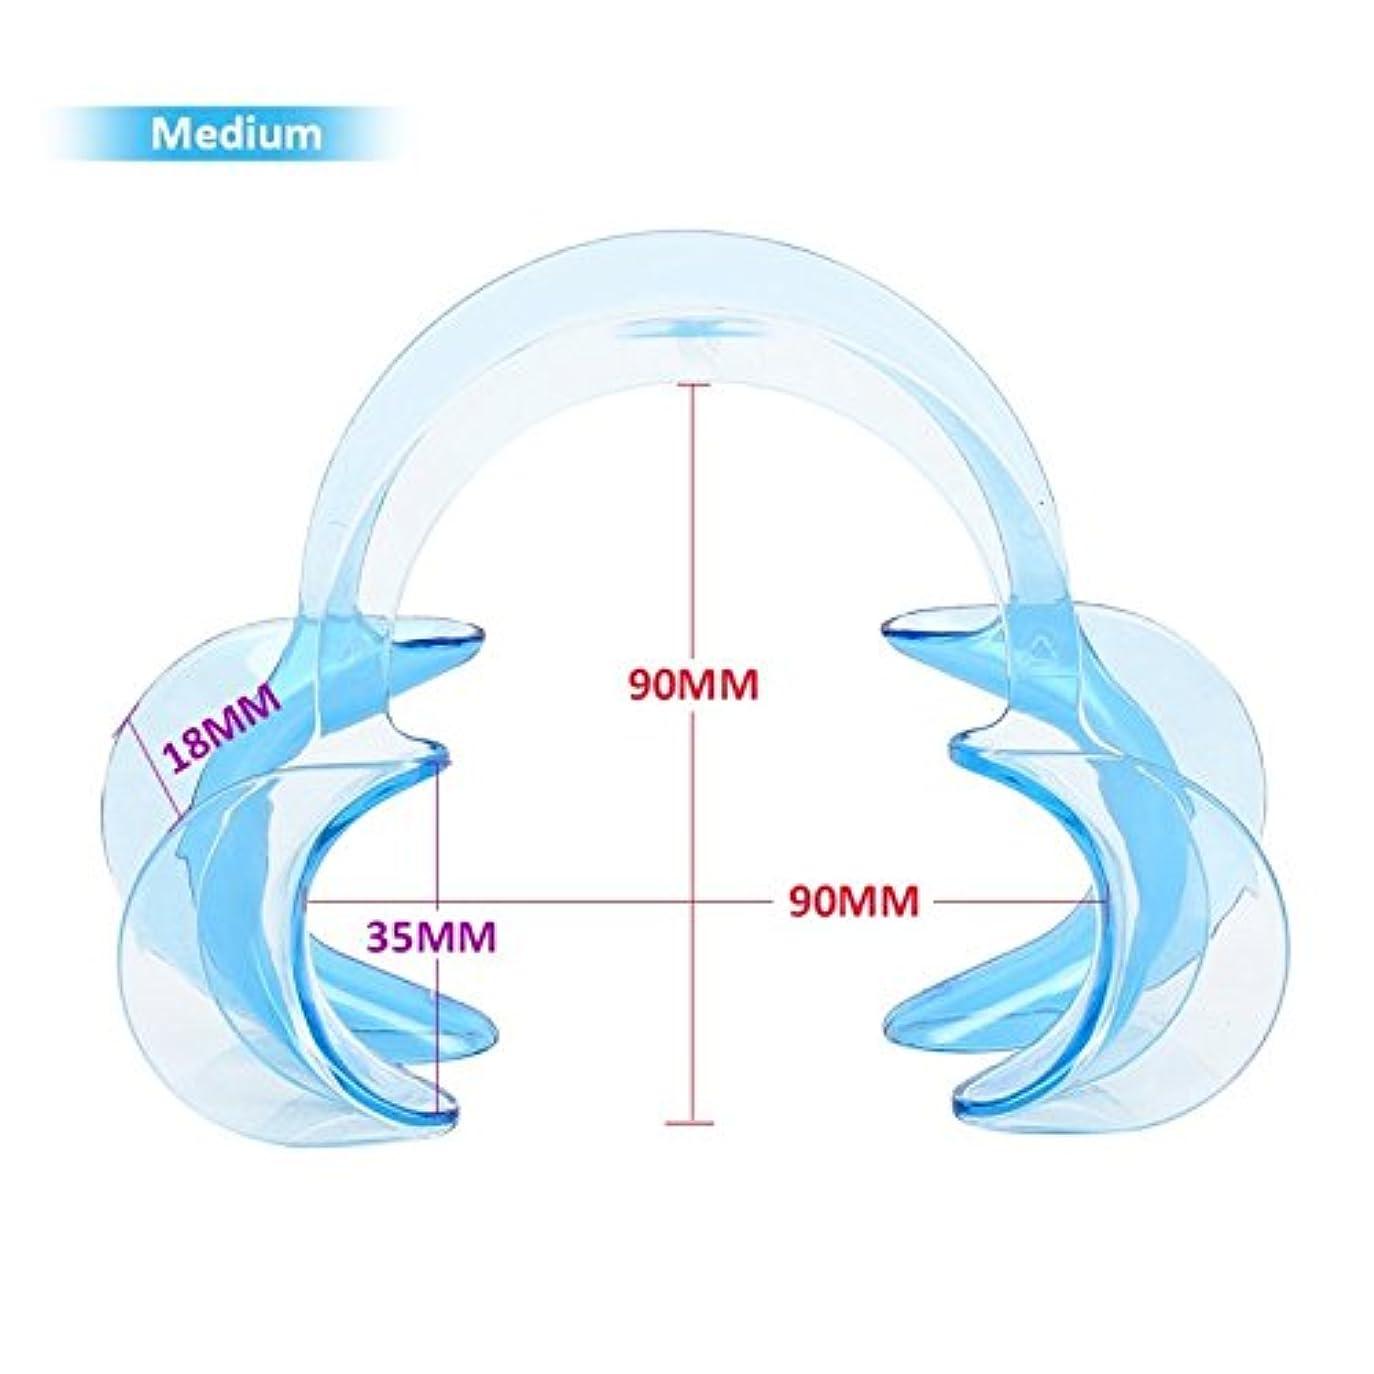 ルール出血普遍的な3サイズC形状歯科口腔内頬リトラクター唇口オープナー歯ホワイトニング10個,Blue,M